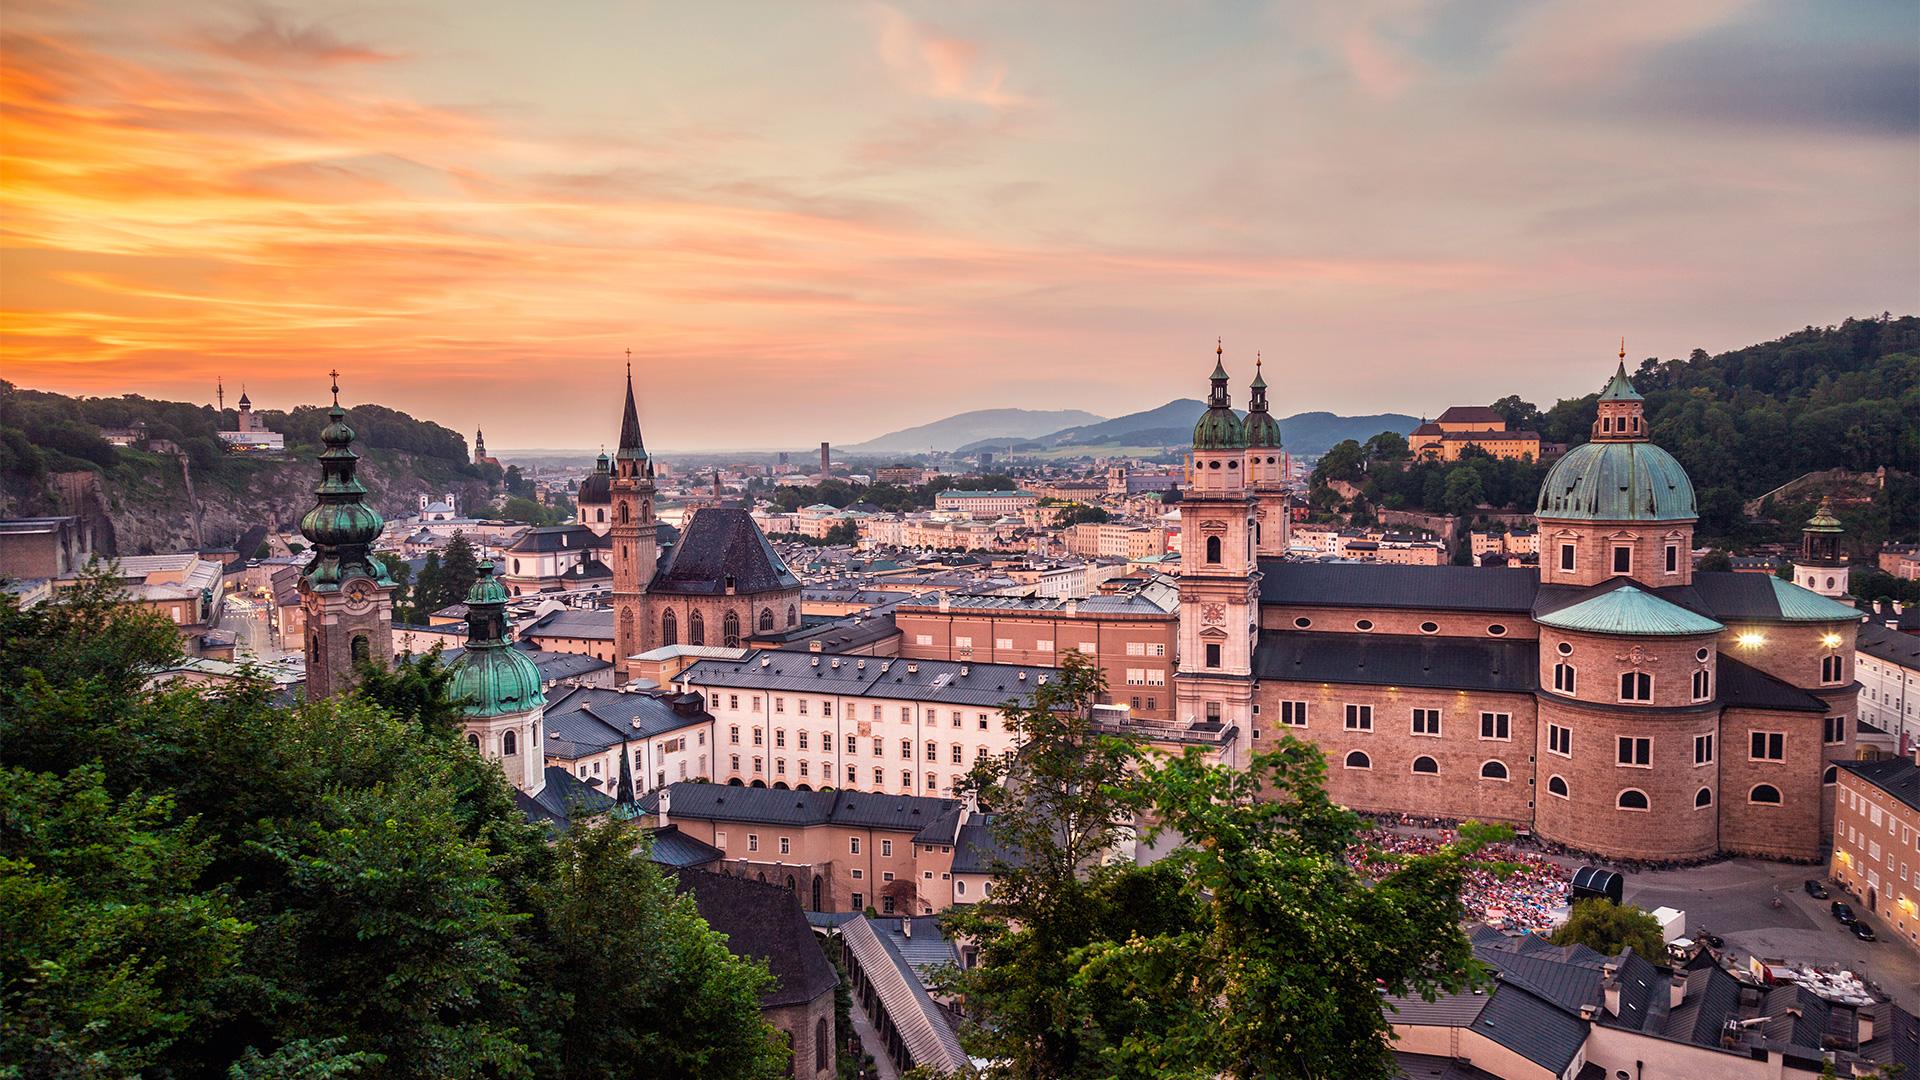 Tourism in Austria